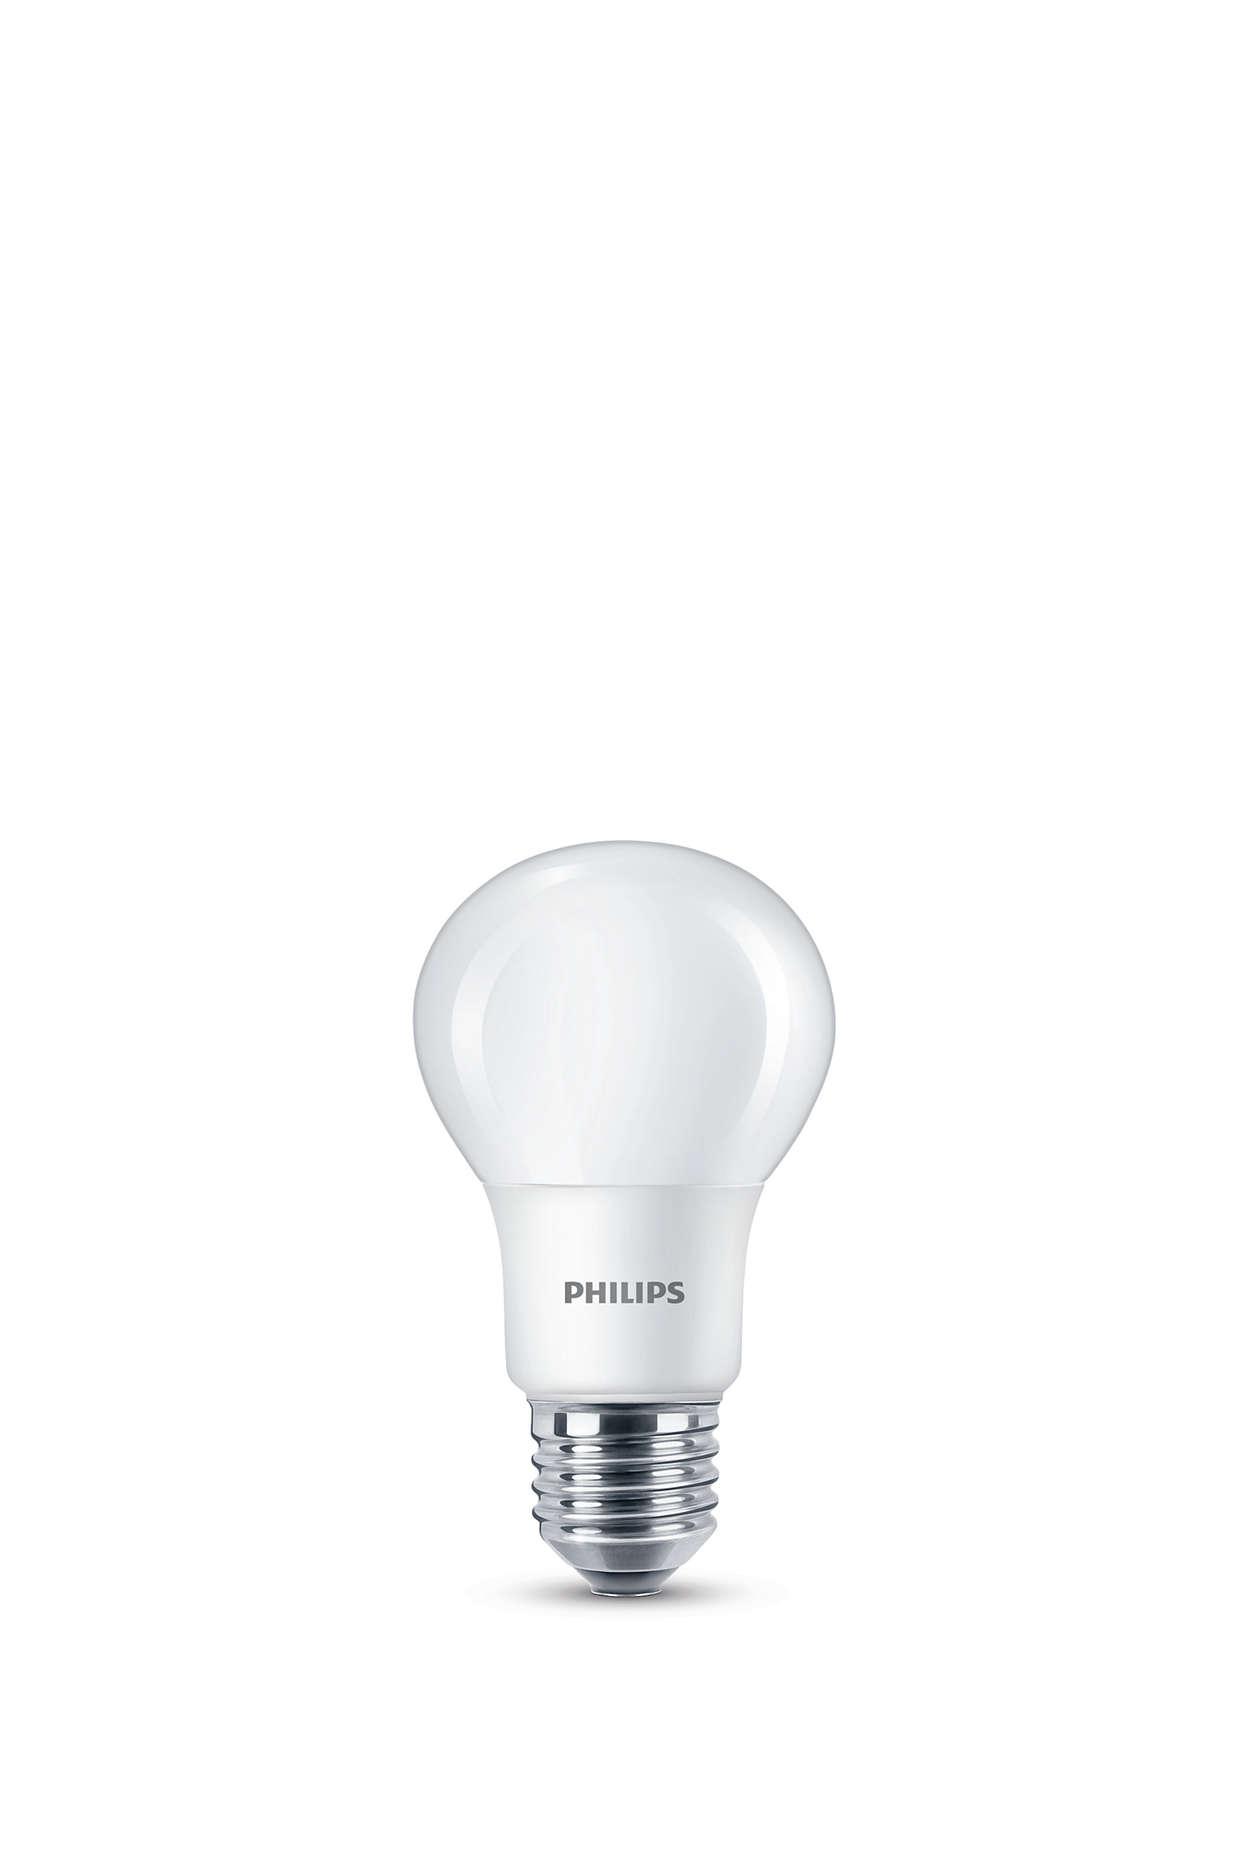 Правильне світло створює потрібну атмосферу